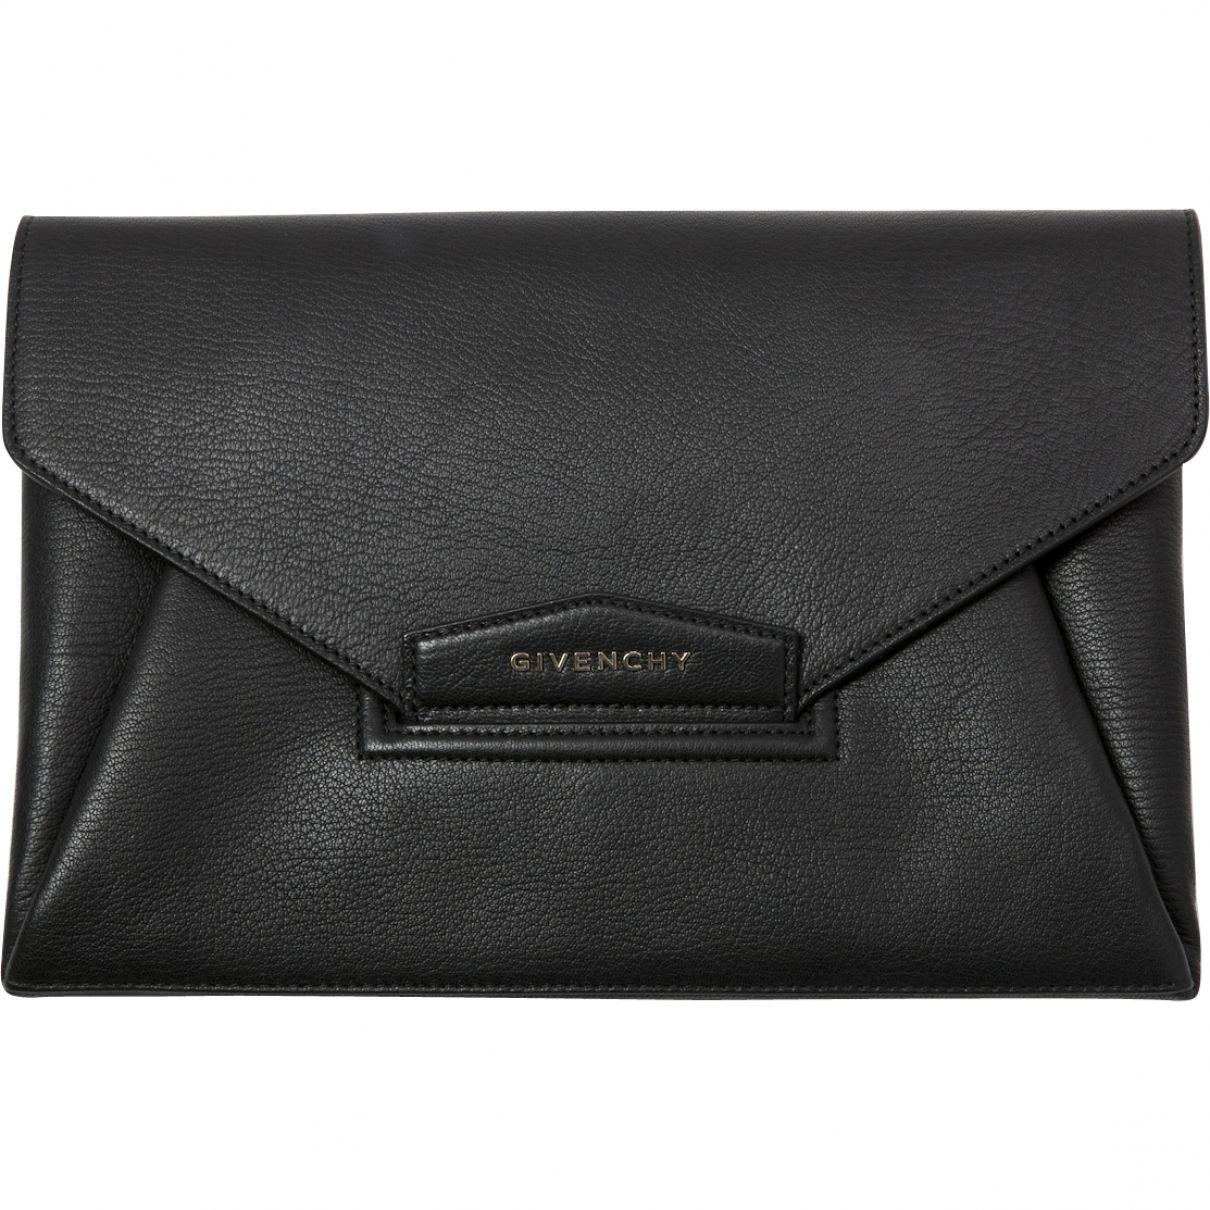 c94627bf6e19 GIVENCHY Black Leather Clutch bag Antigona